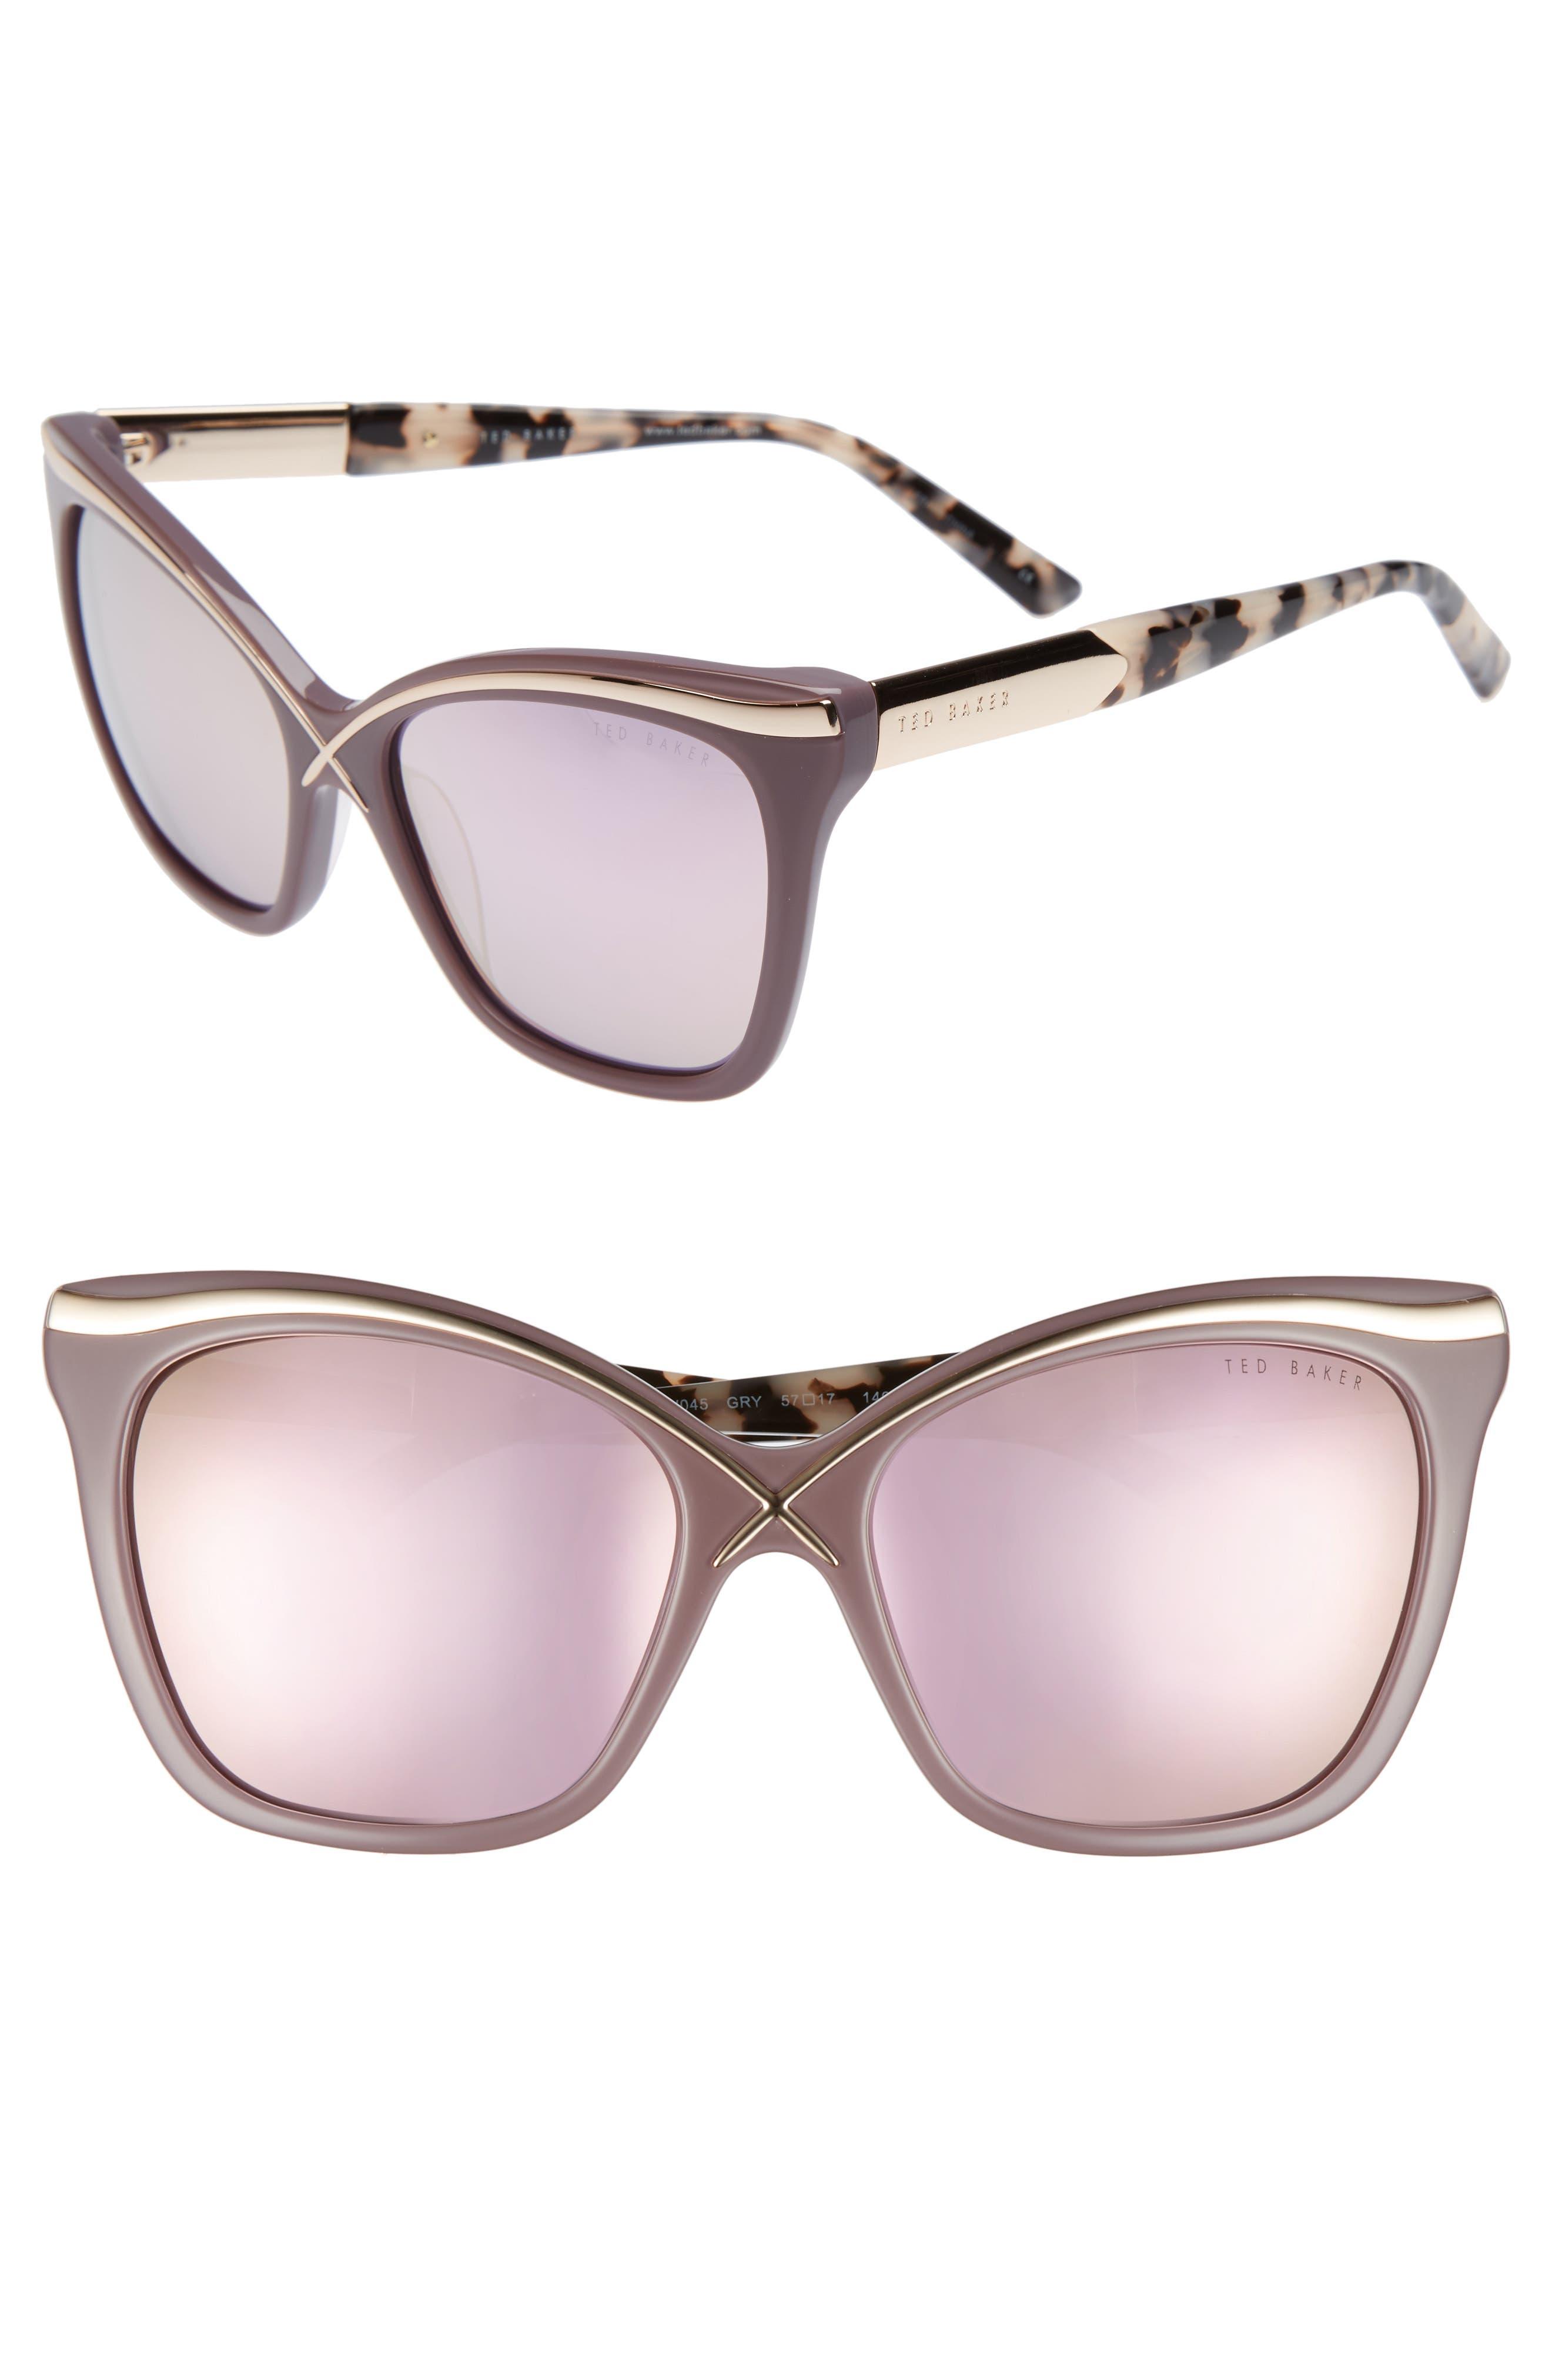 Ted Baker London 57mm Square Cat Eye Sunglasses